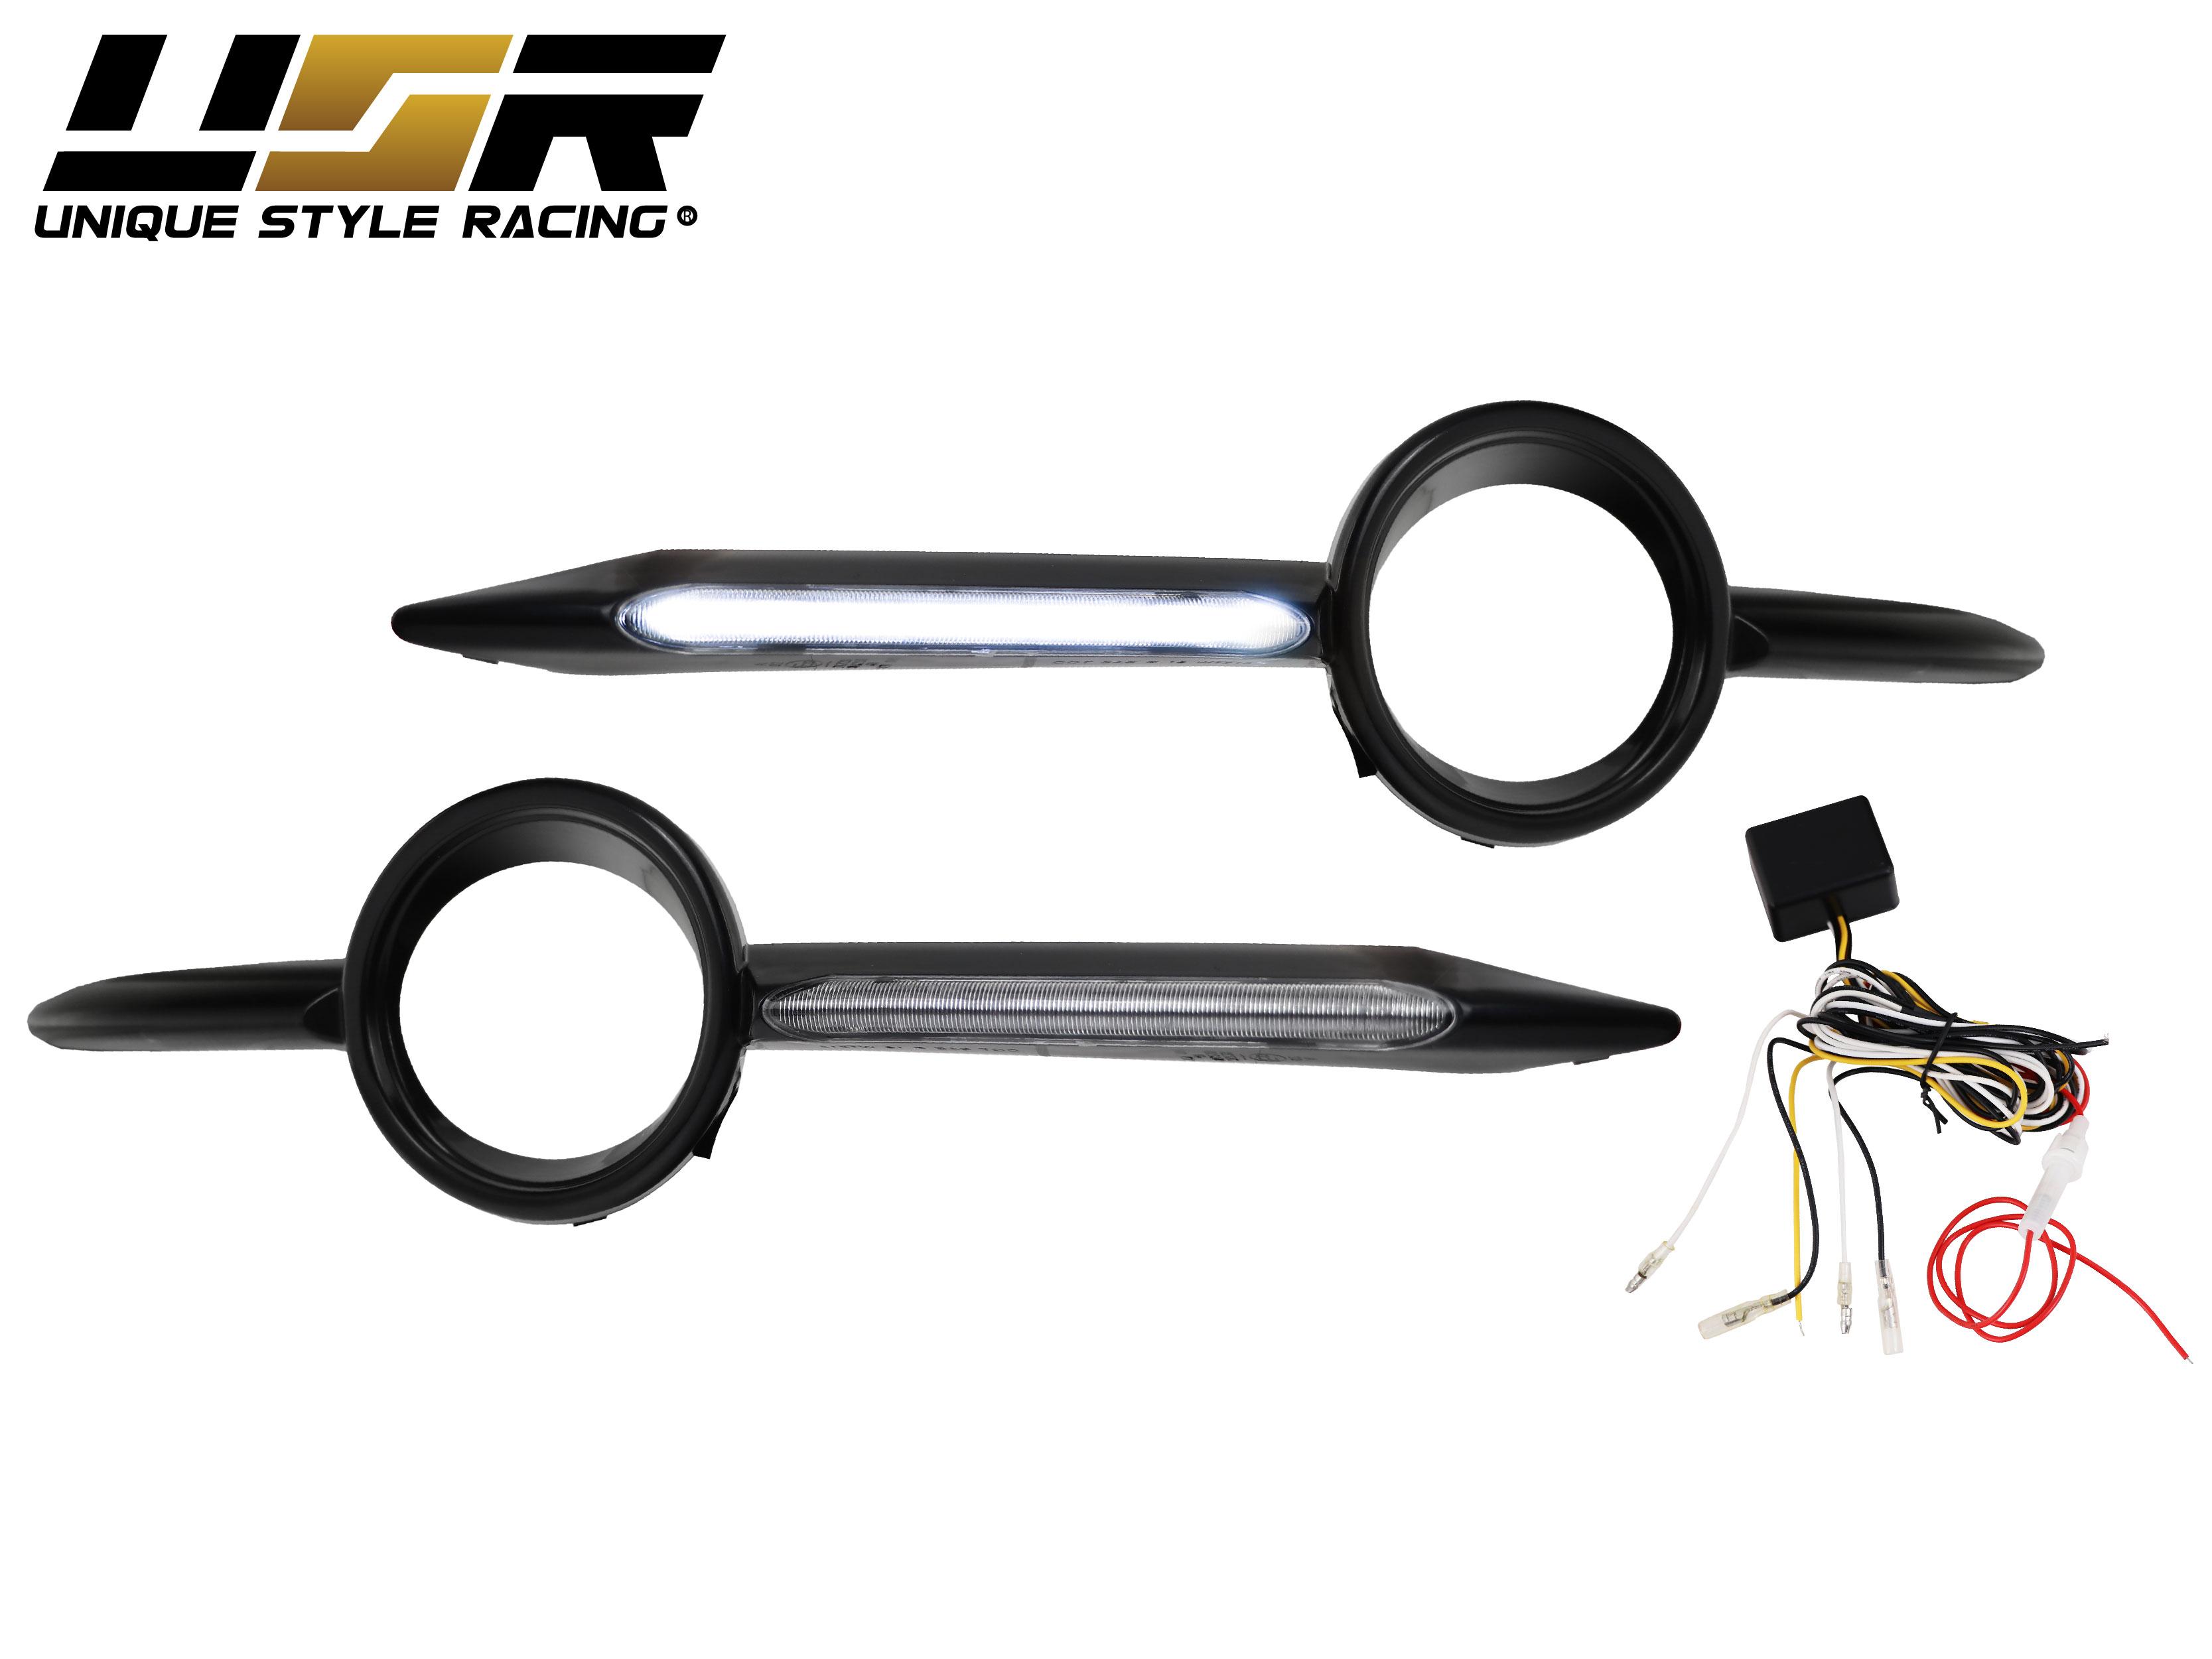 USA Facelift Clear LED DRL Light Bar Fog Light Trim For 06